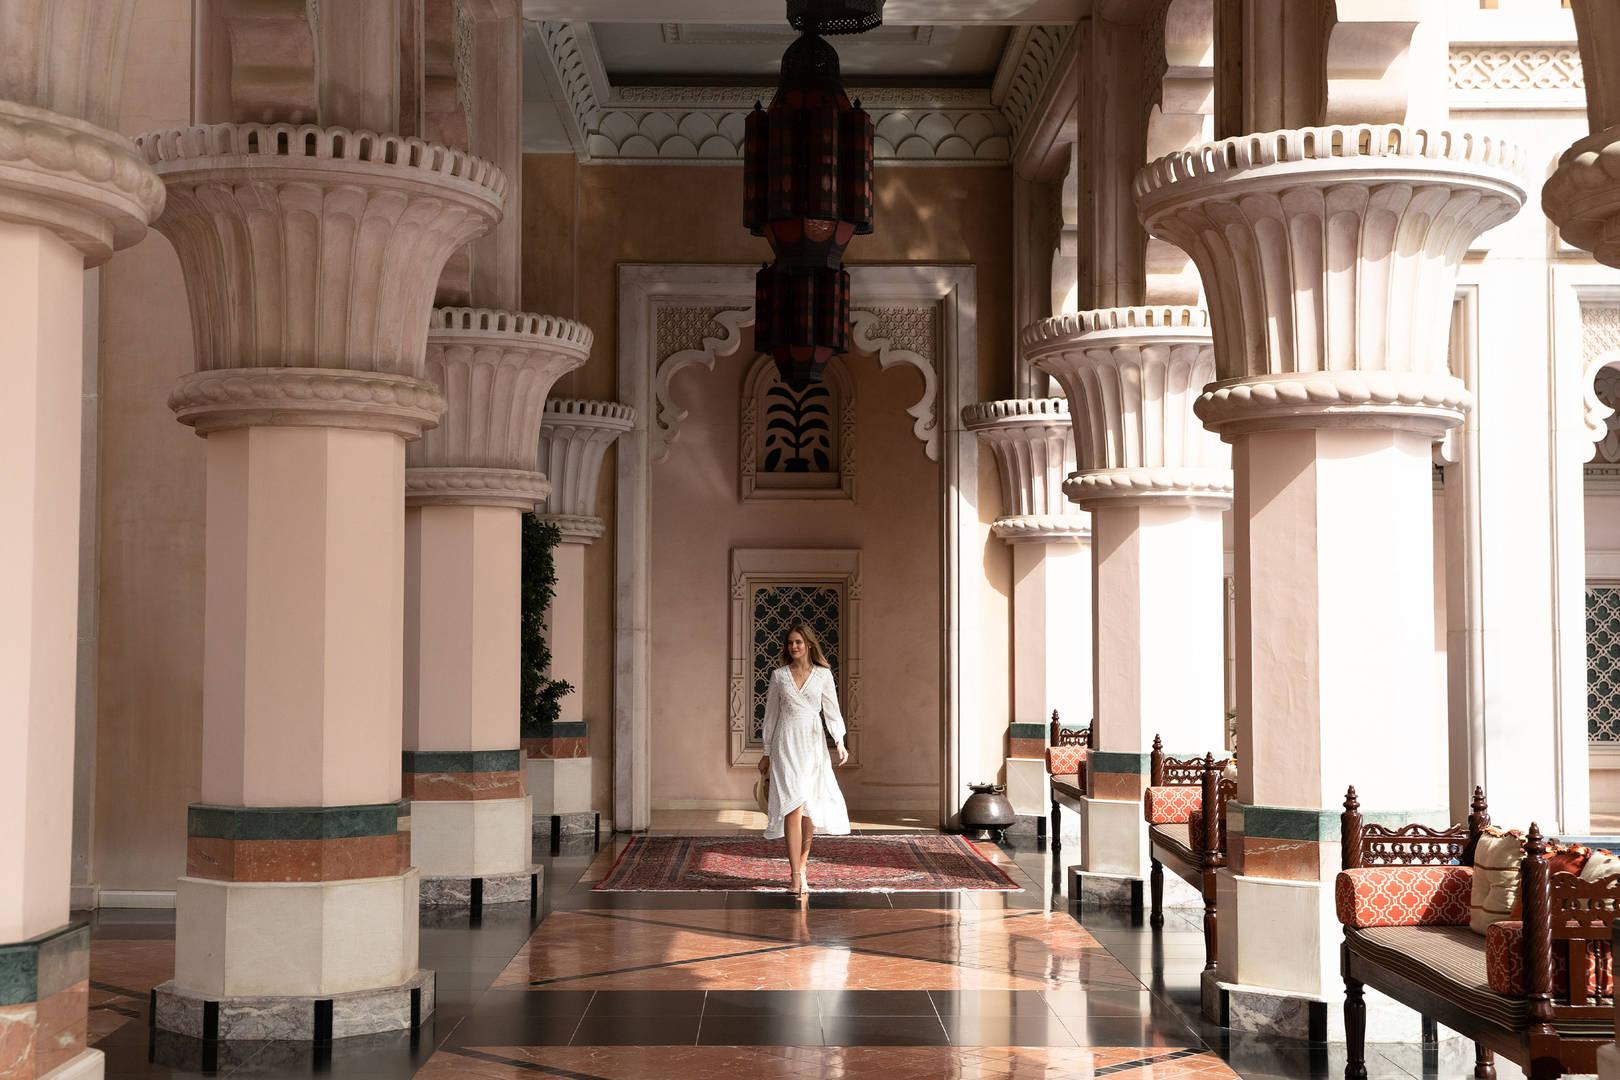 فندق جميرا القصر، صاحب المناظر الطبيعية الخلّابة ونمط الحياة الخارجي